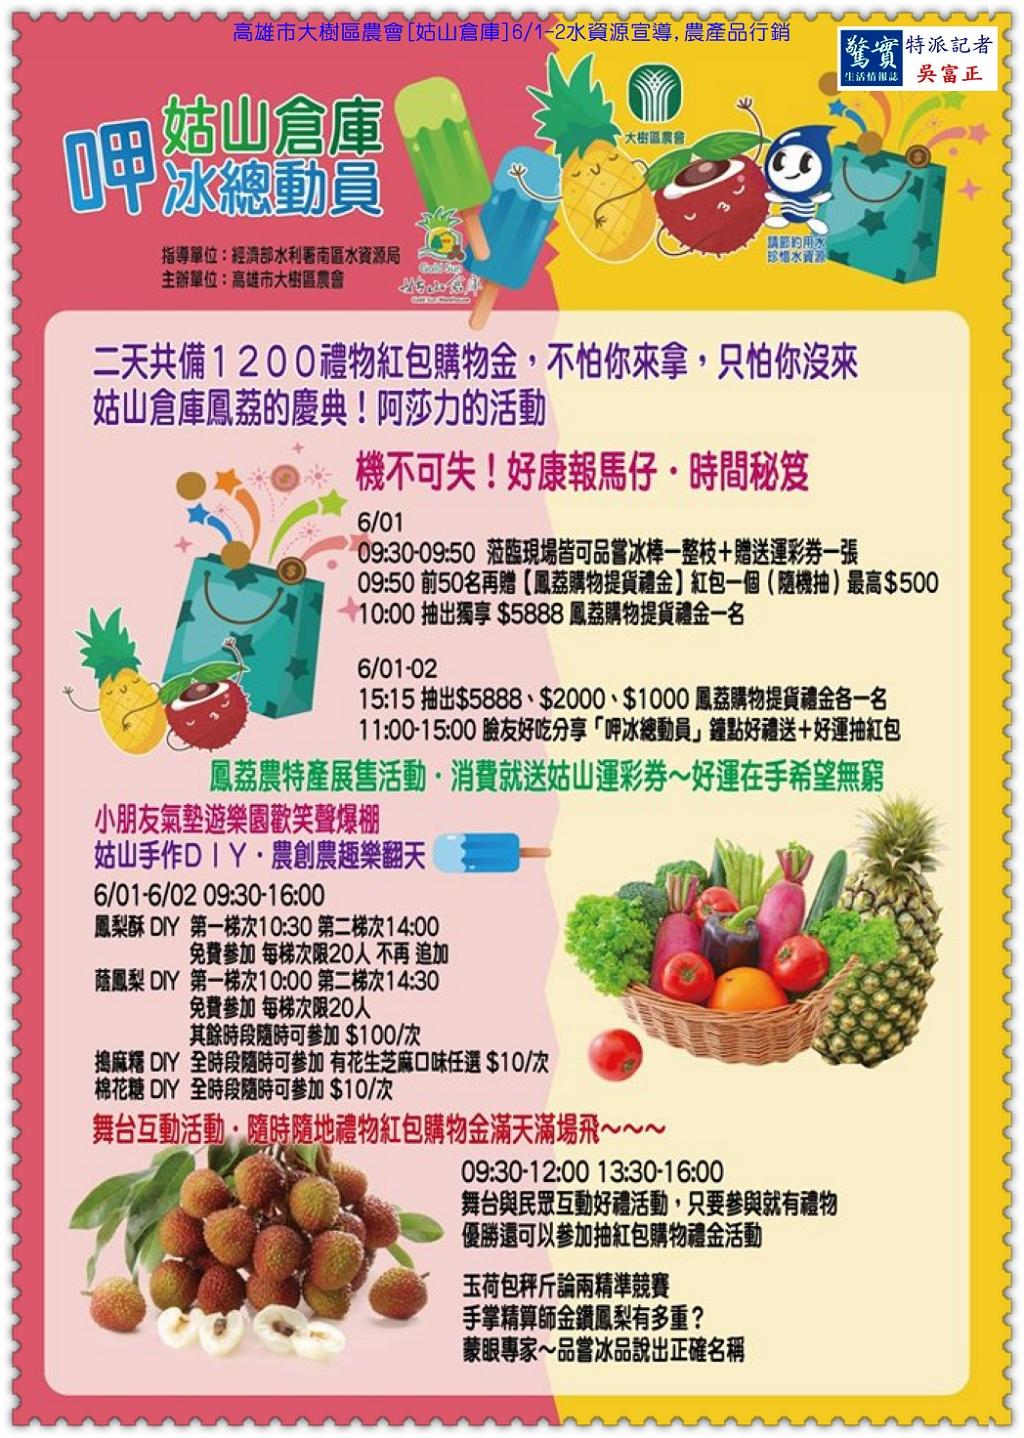 20190601c(驚實報)-高雄市大樹區0601-0602水資源宣導暨水源保護區農產品行銷02